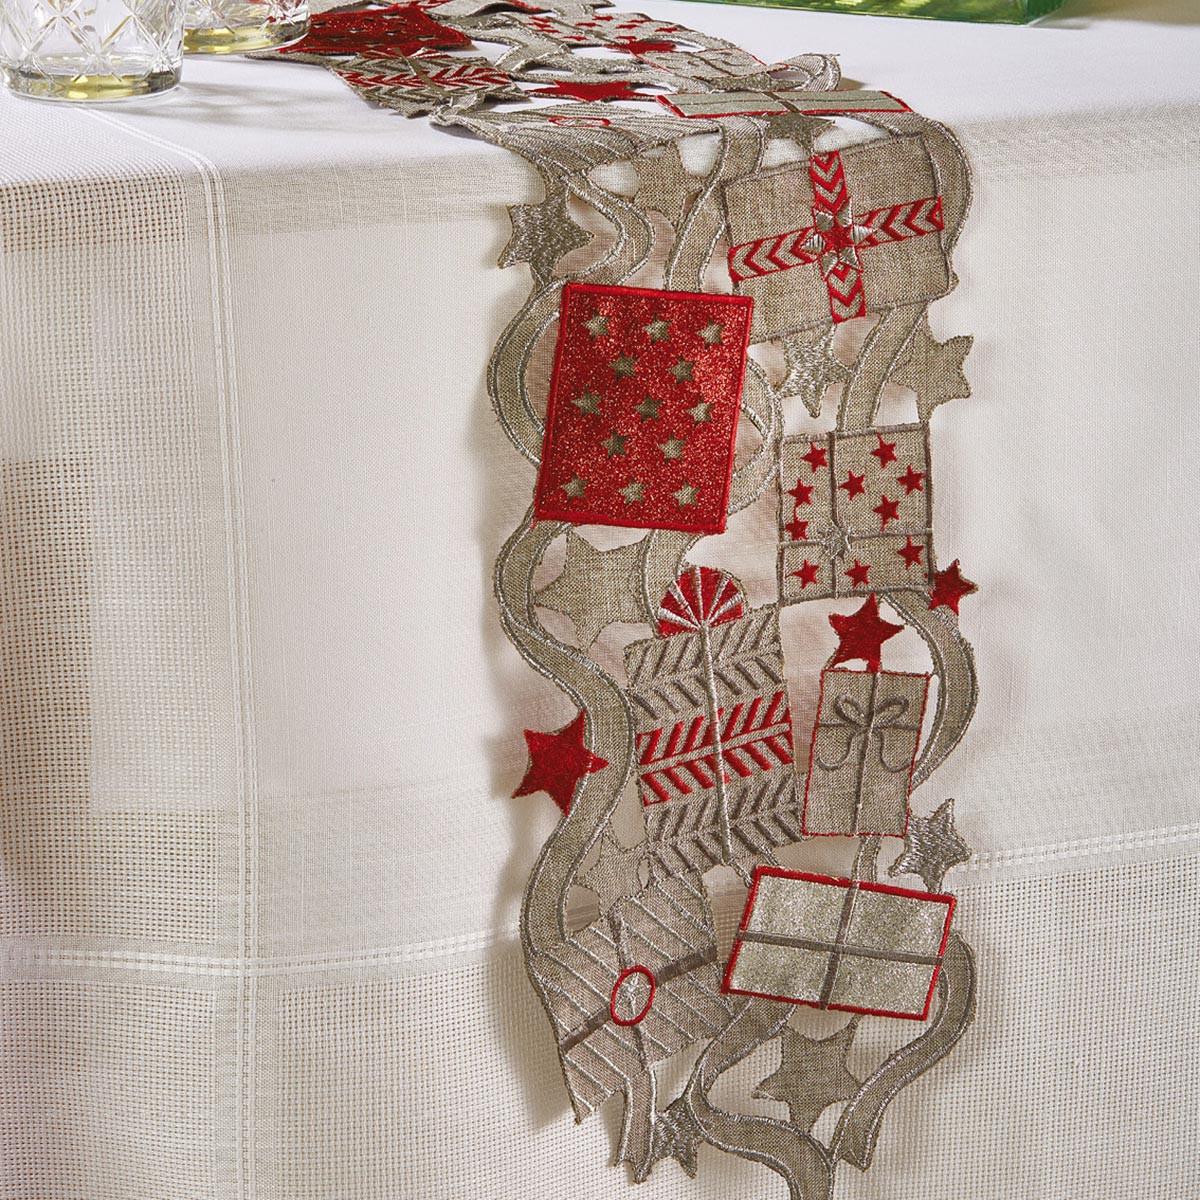 Χριστουγεννιάτικη Τραβέρσα White Egg 18736 A-GR